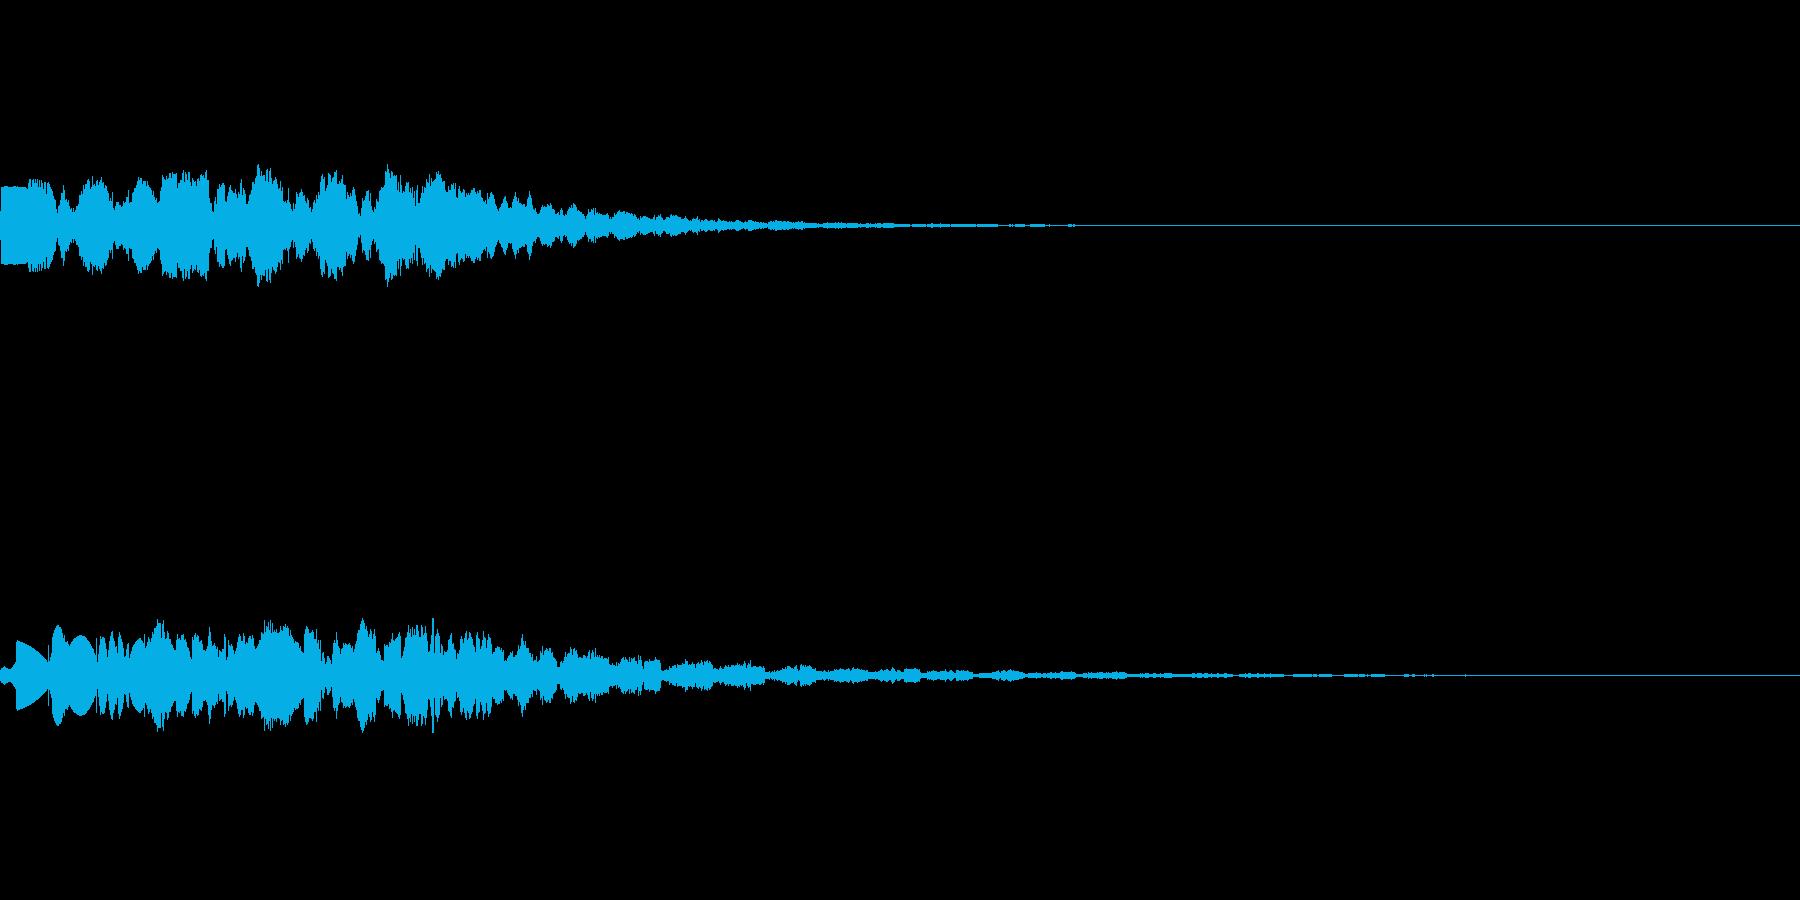 昭和の特撮にありそうな未来・ワープ音の再生済みの波形